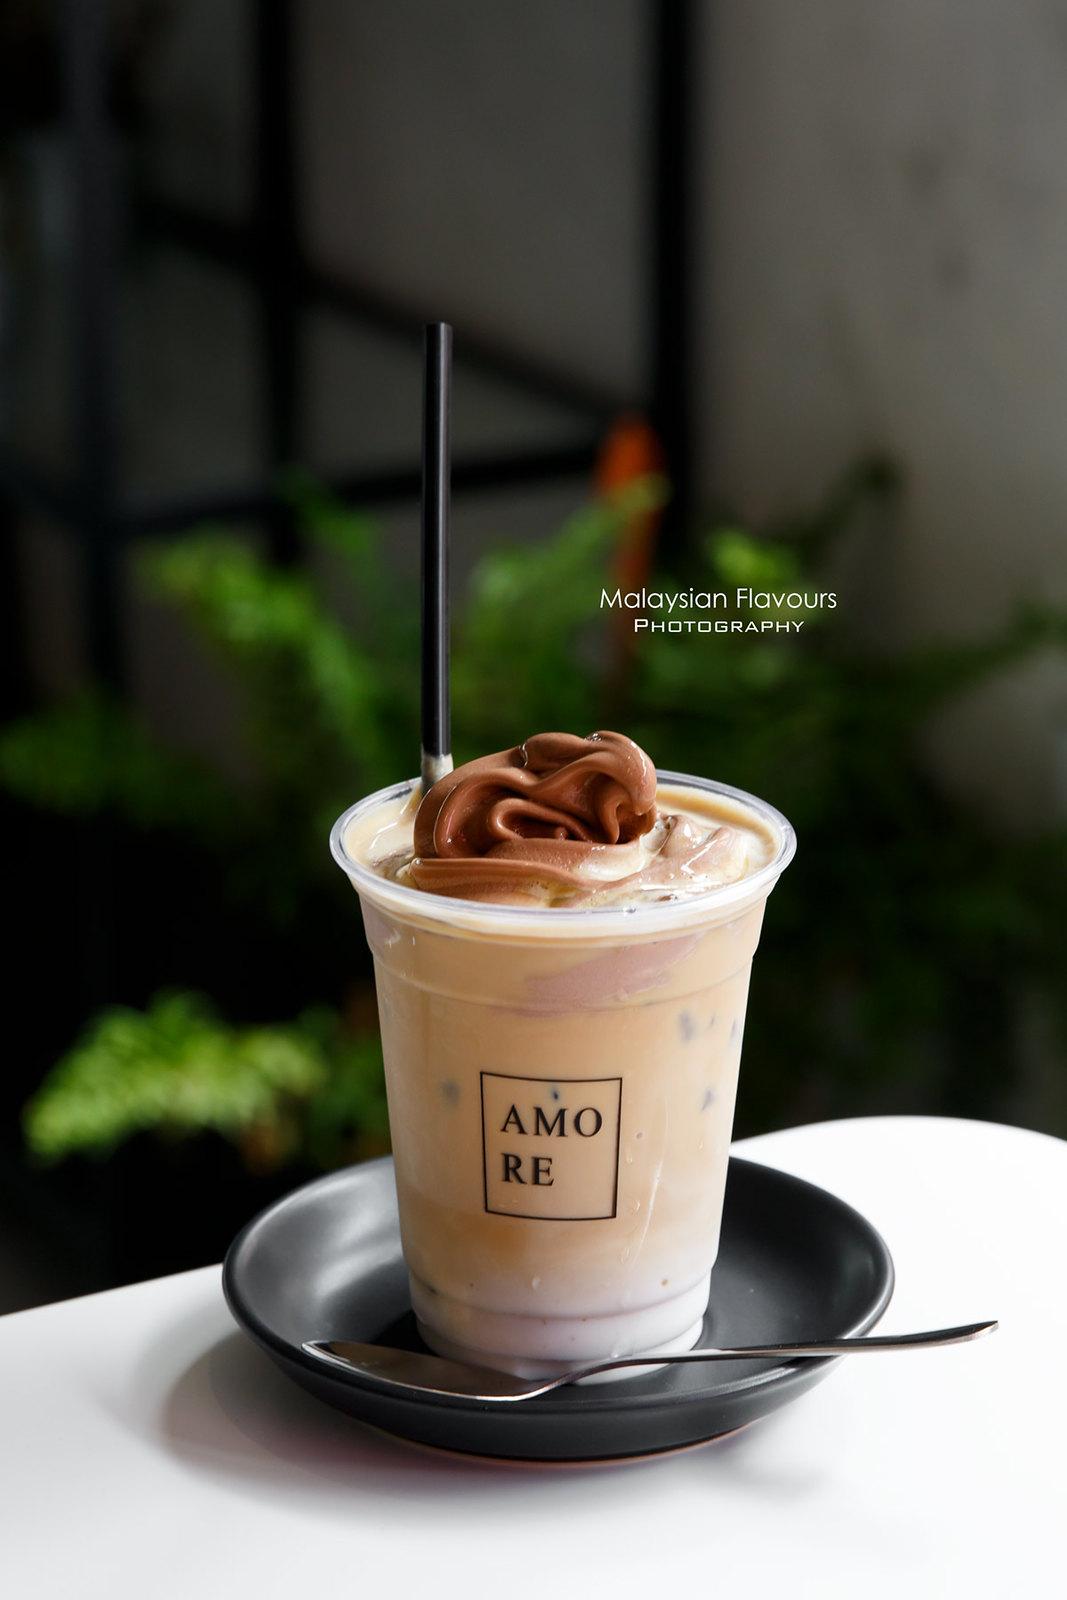 Amore Espresso Bar TTDI